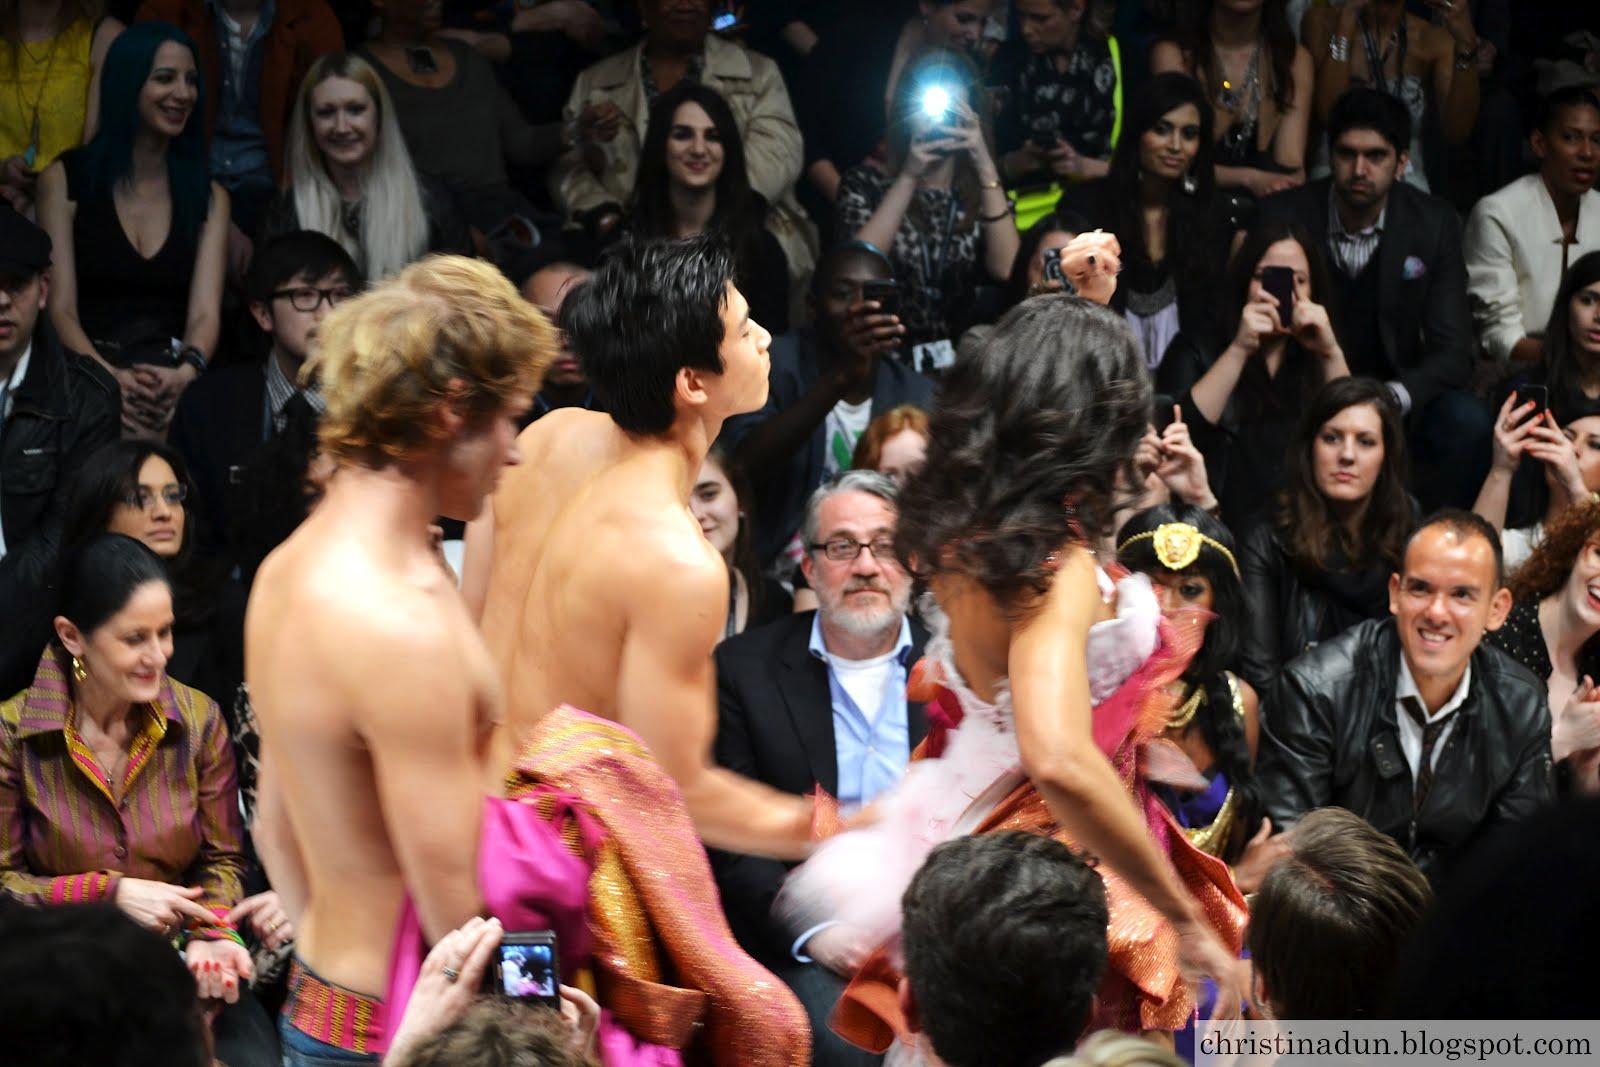 Christina Dun: WMC Fashion Week - Day 5 - Dare to Wear Love Pt 3